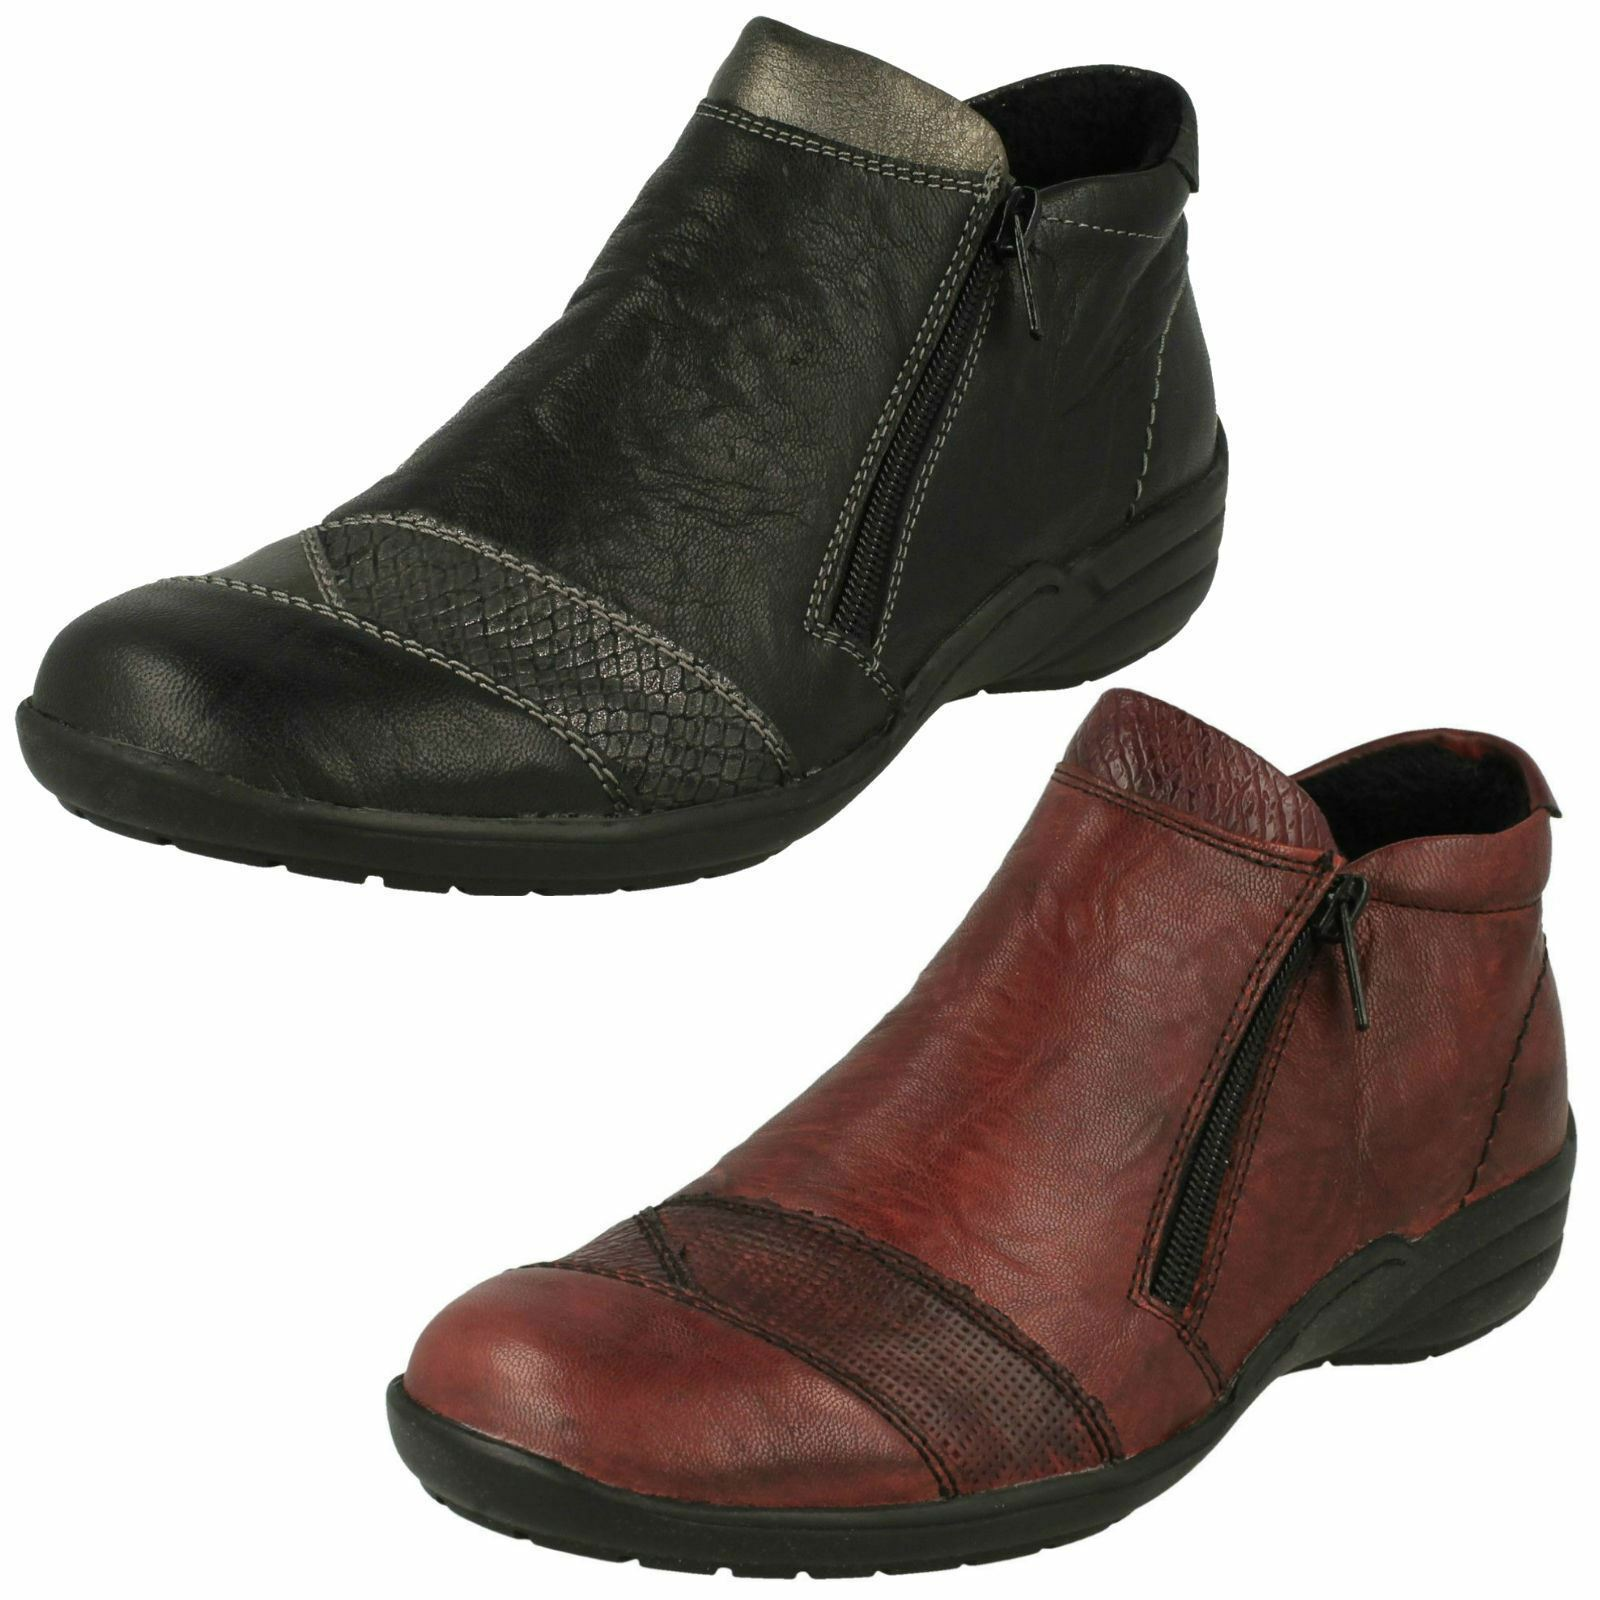 tienda en linea Remonte Remonte Remonte Damas Tobillo botas R7671  Para tu estilo de juego a los precios más baratos.